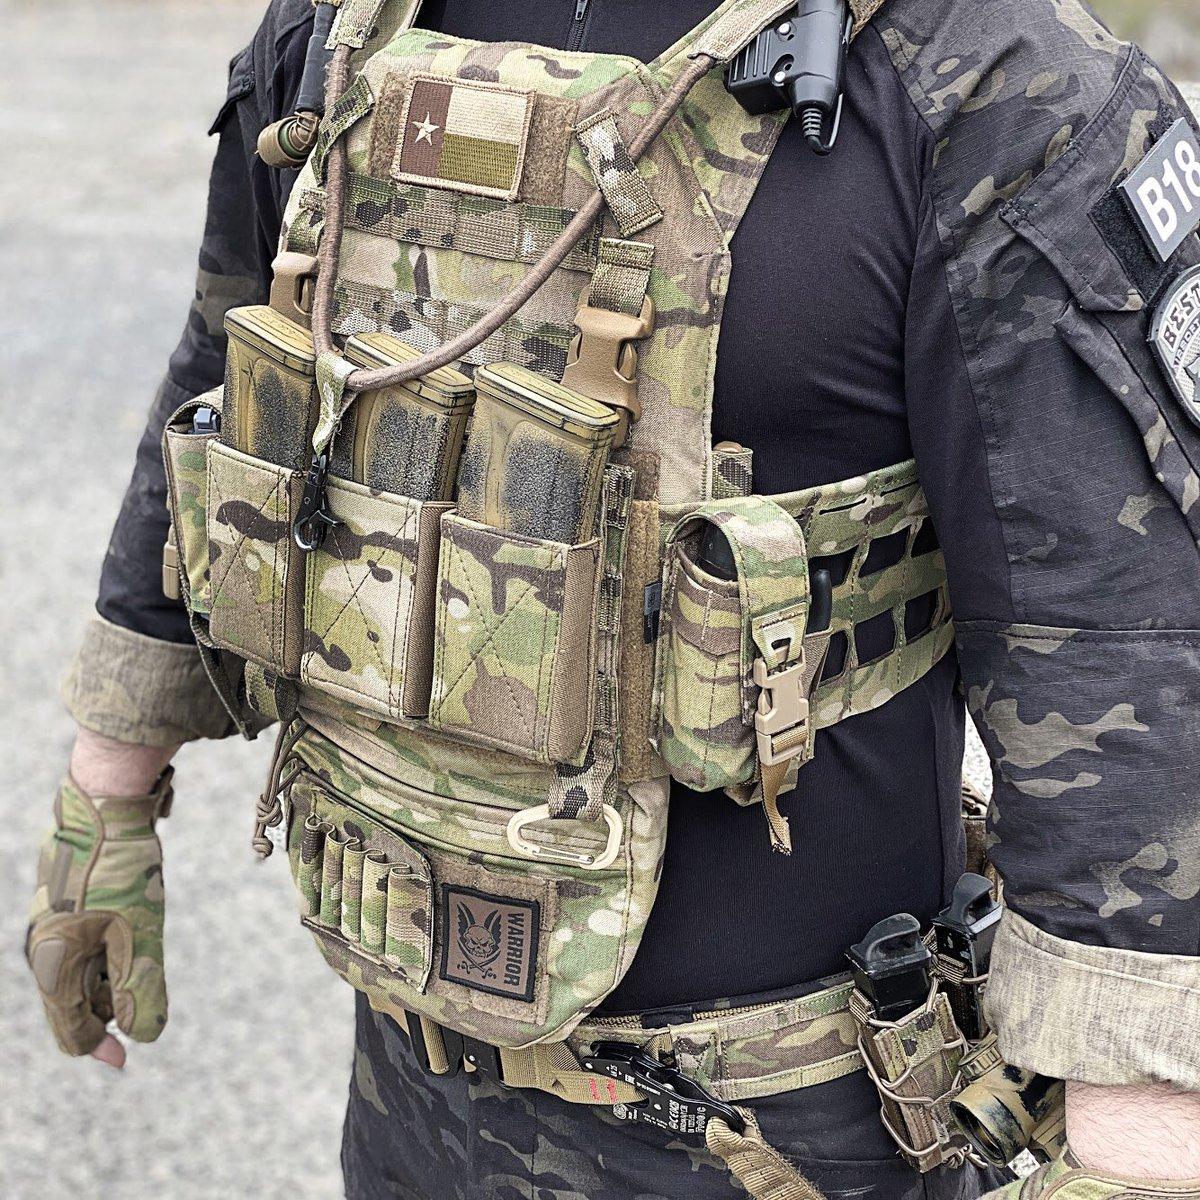 Multicam Mix #airsoft #airsoftgun #airsoftworld #military #soldier #war #weapon #gun #photo #photographerpic.twitter.com/sJKDrSxCvz